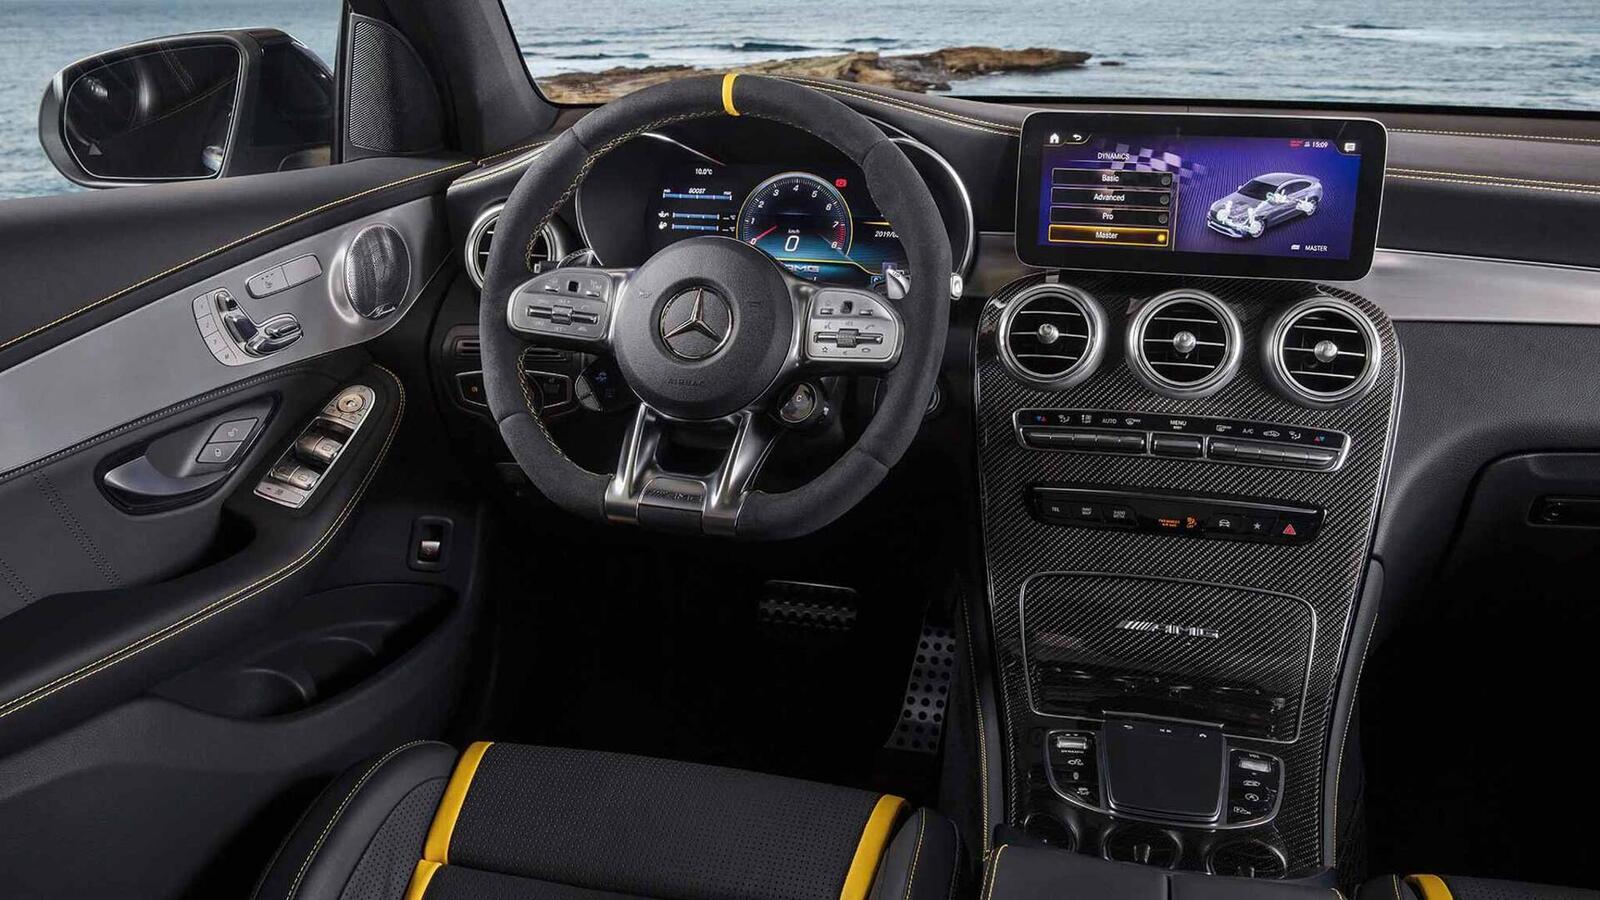 Mercedes-AMG giới thiệu GLC và GLC Coupe 63 mới lắp động cơ V8 4.0L Biturbo mạnh hơn 460 mã lực - Hình 31